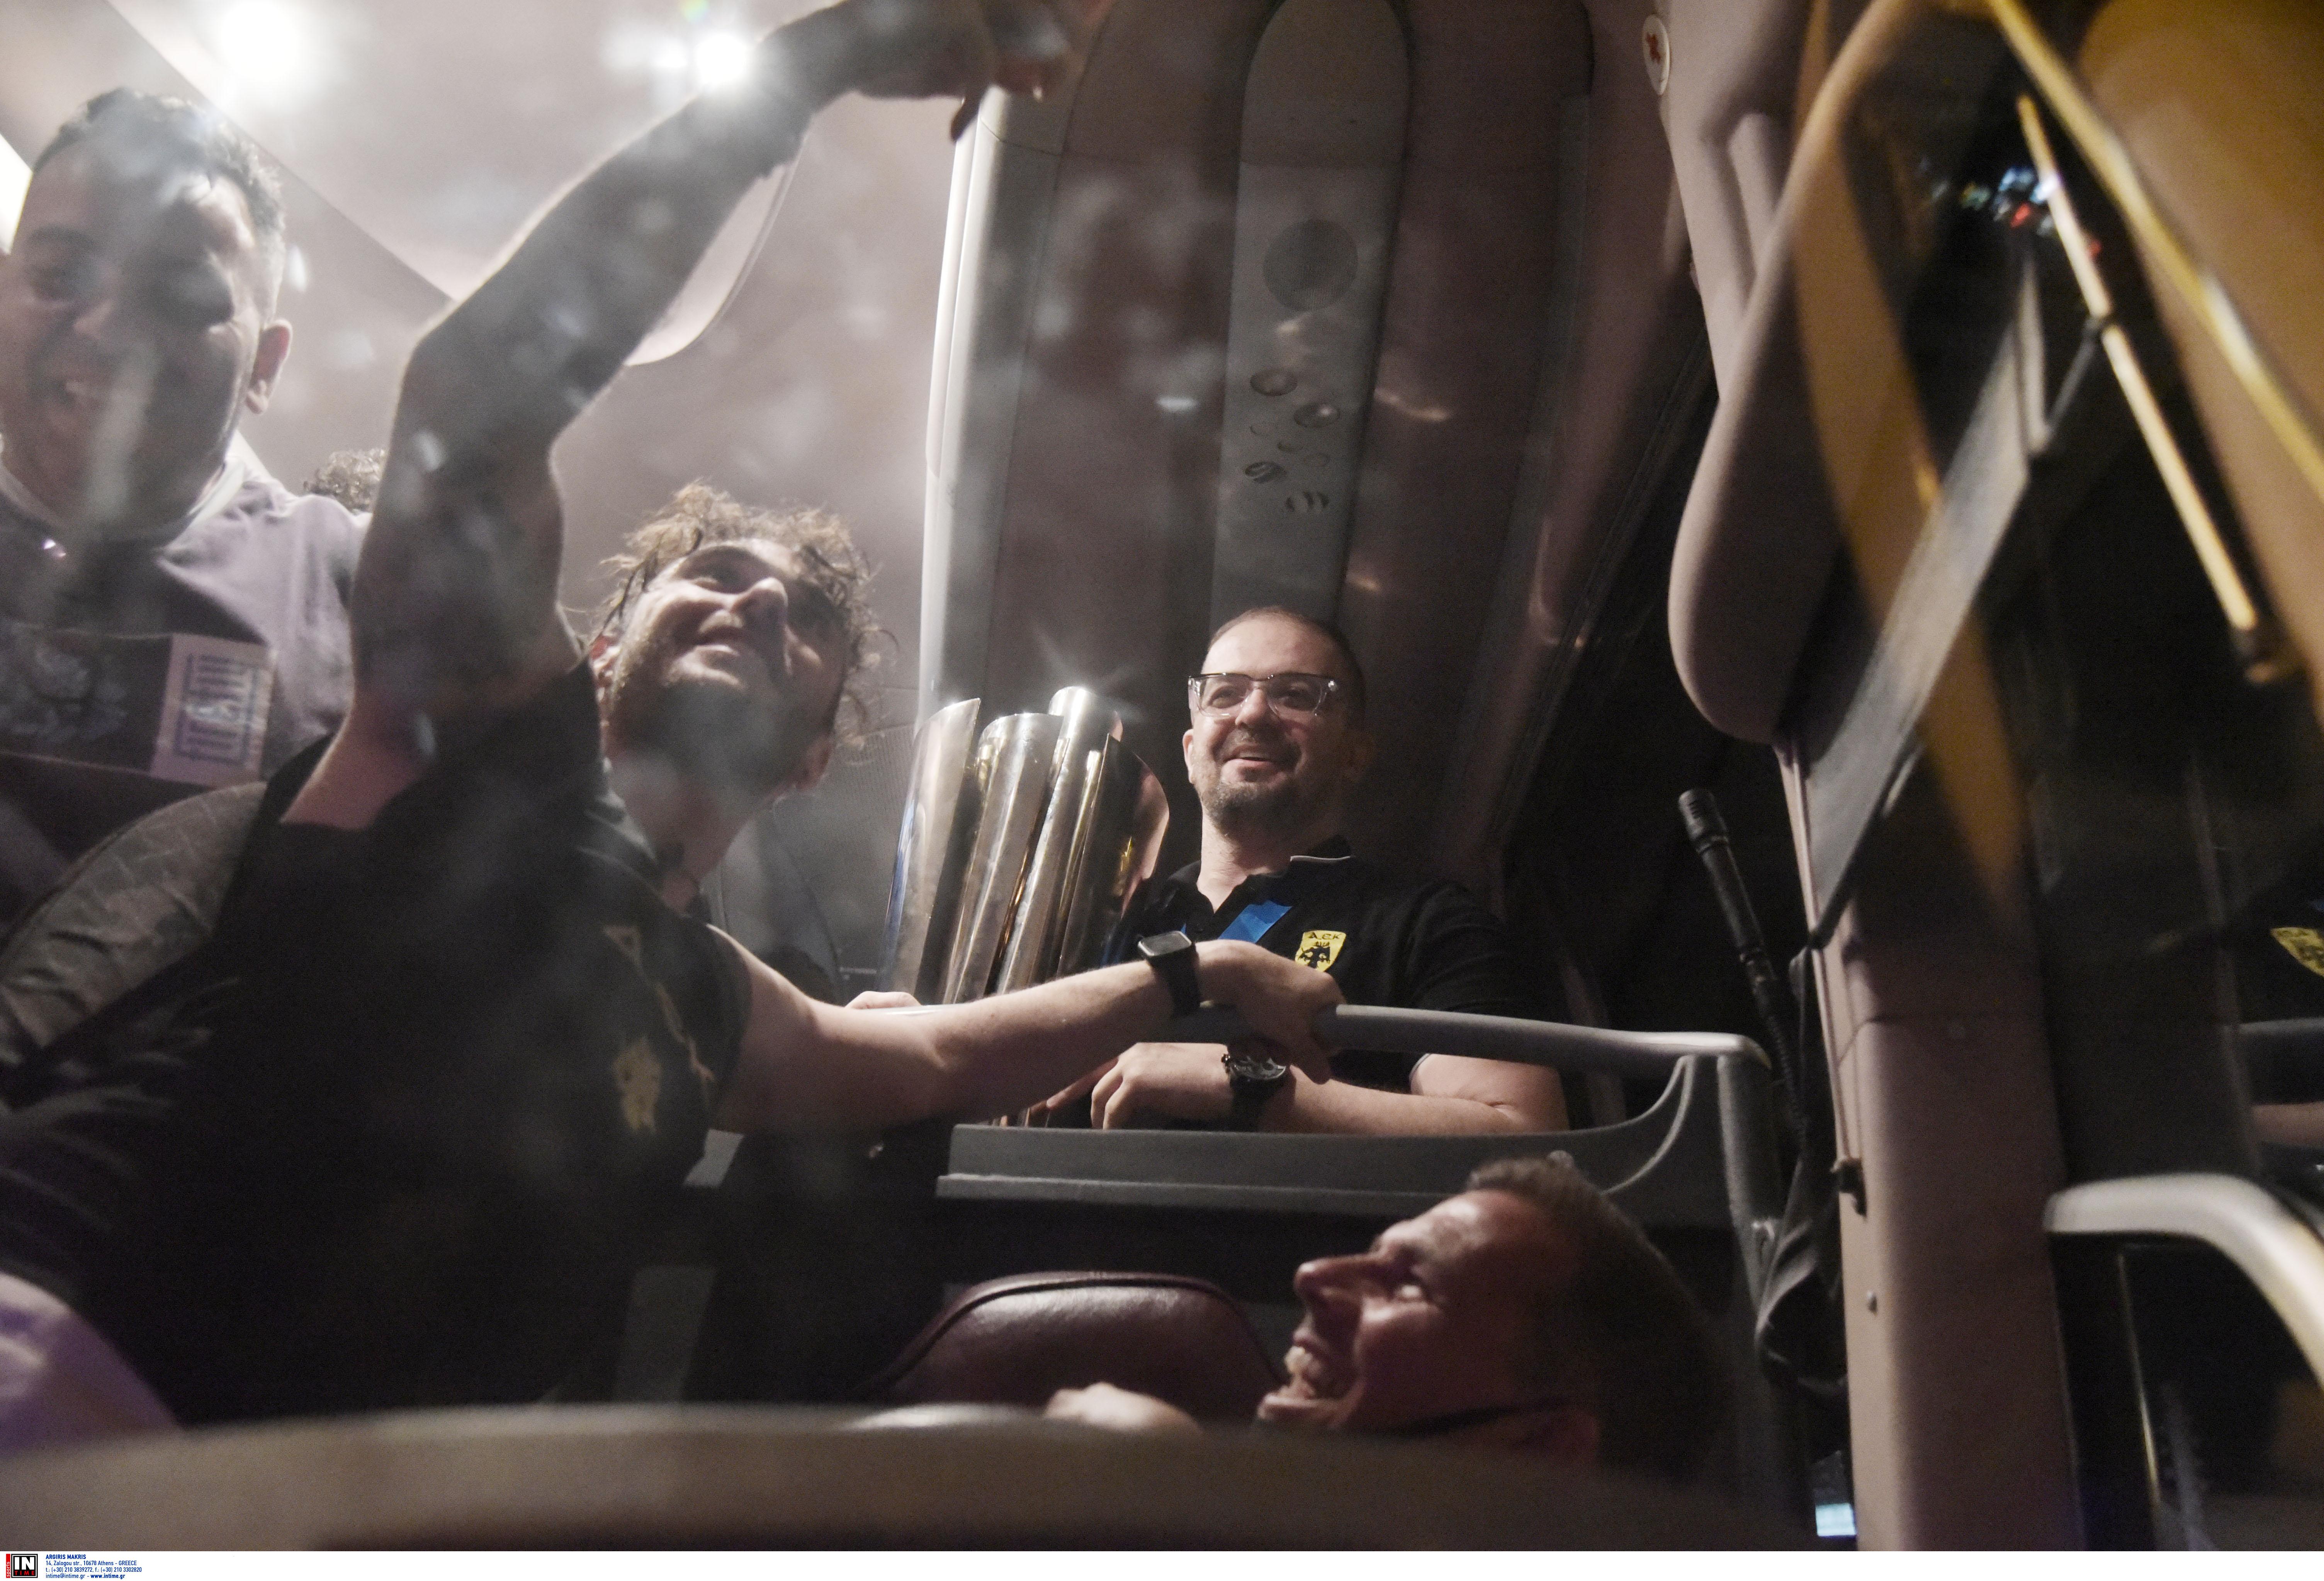 ΑΕΚ: «Κάηκε» η Νέα Φιλαδέλφεια στην υποδοχή της κούπας! (ΦΩΤΟ-VIDEO)